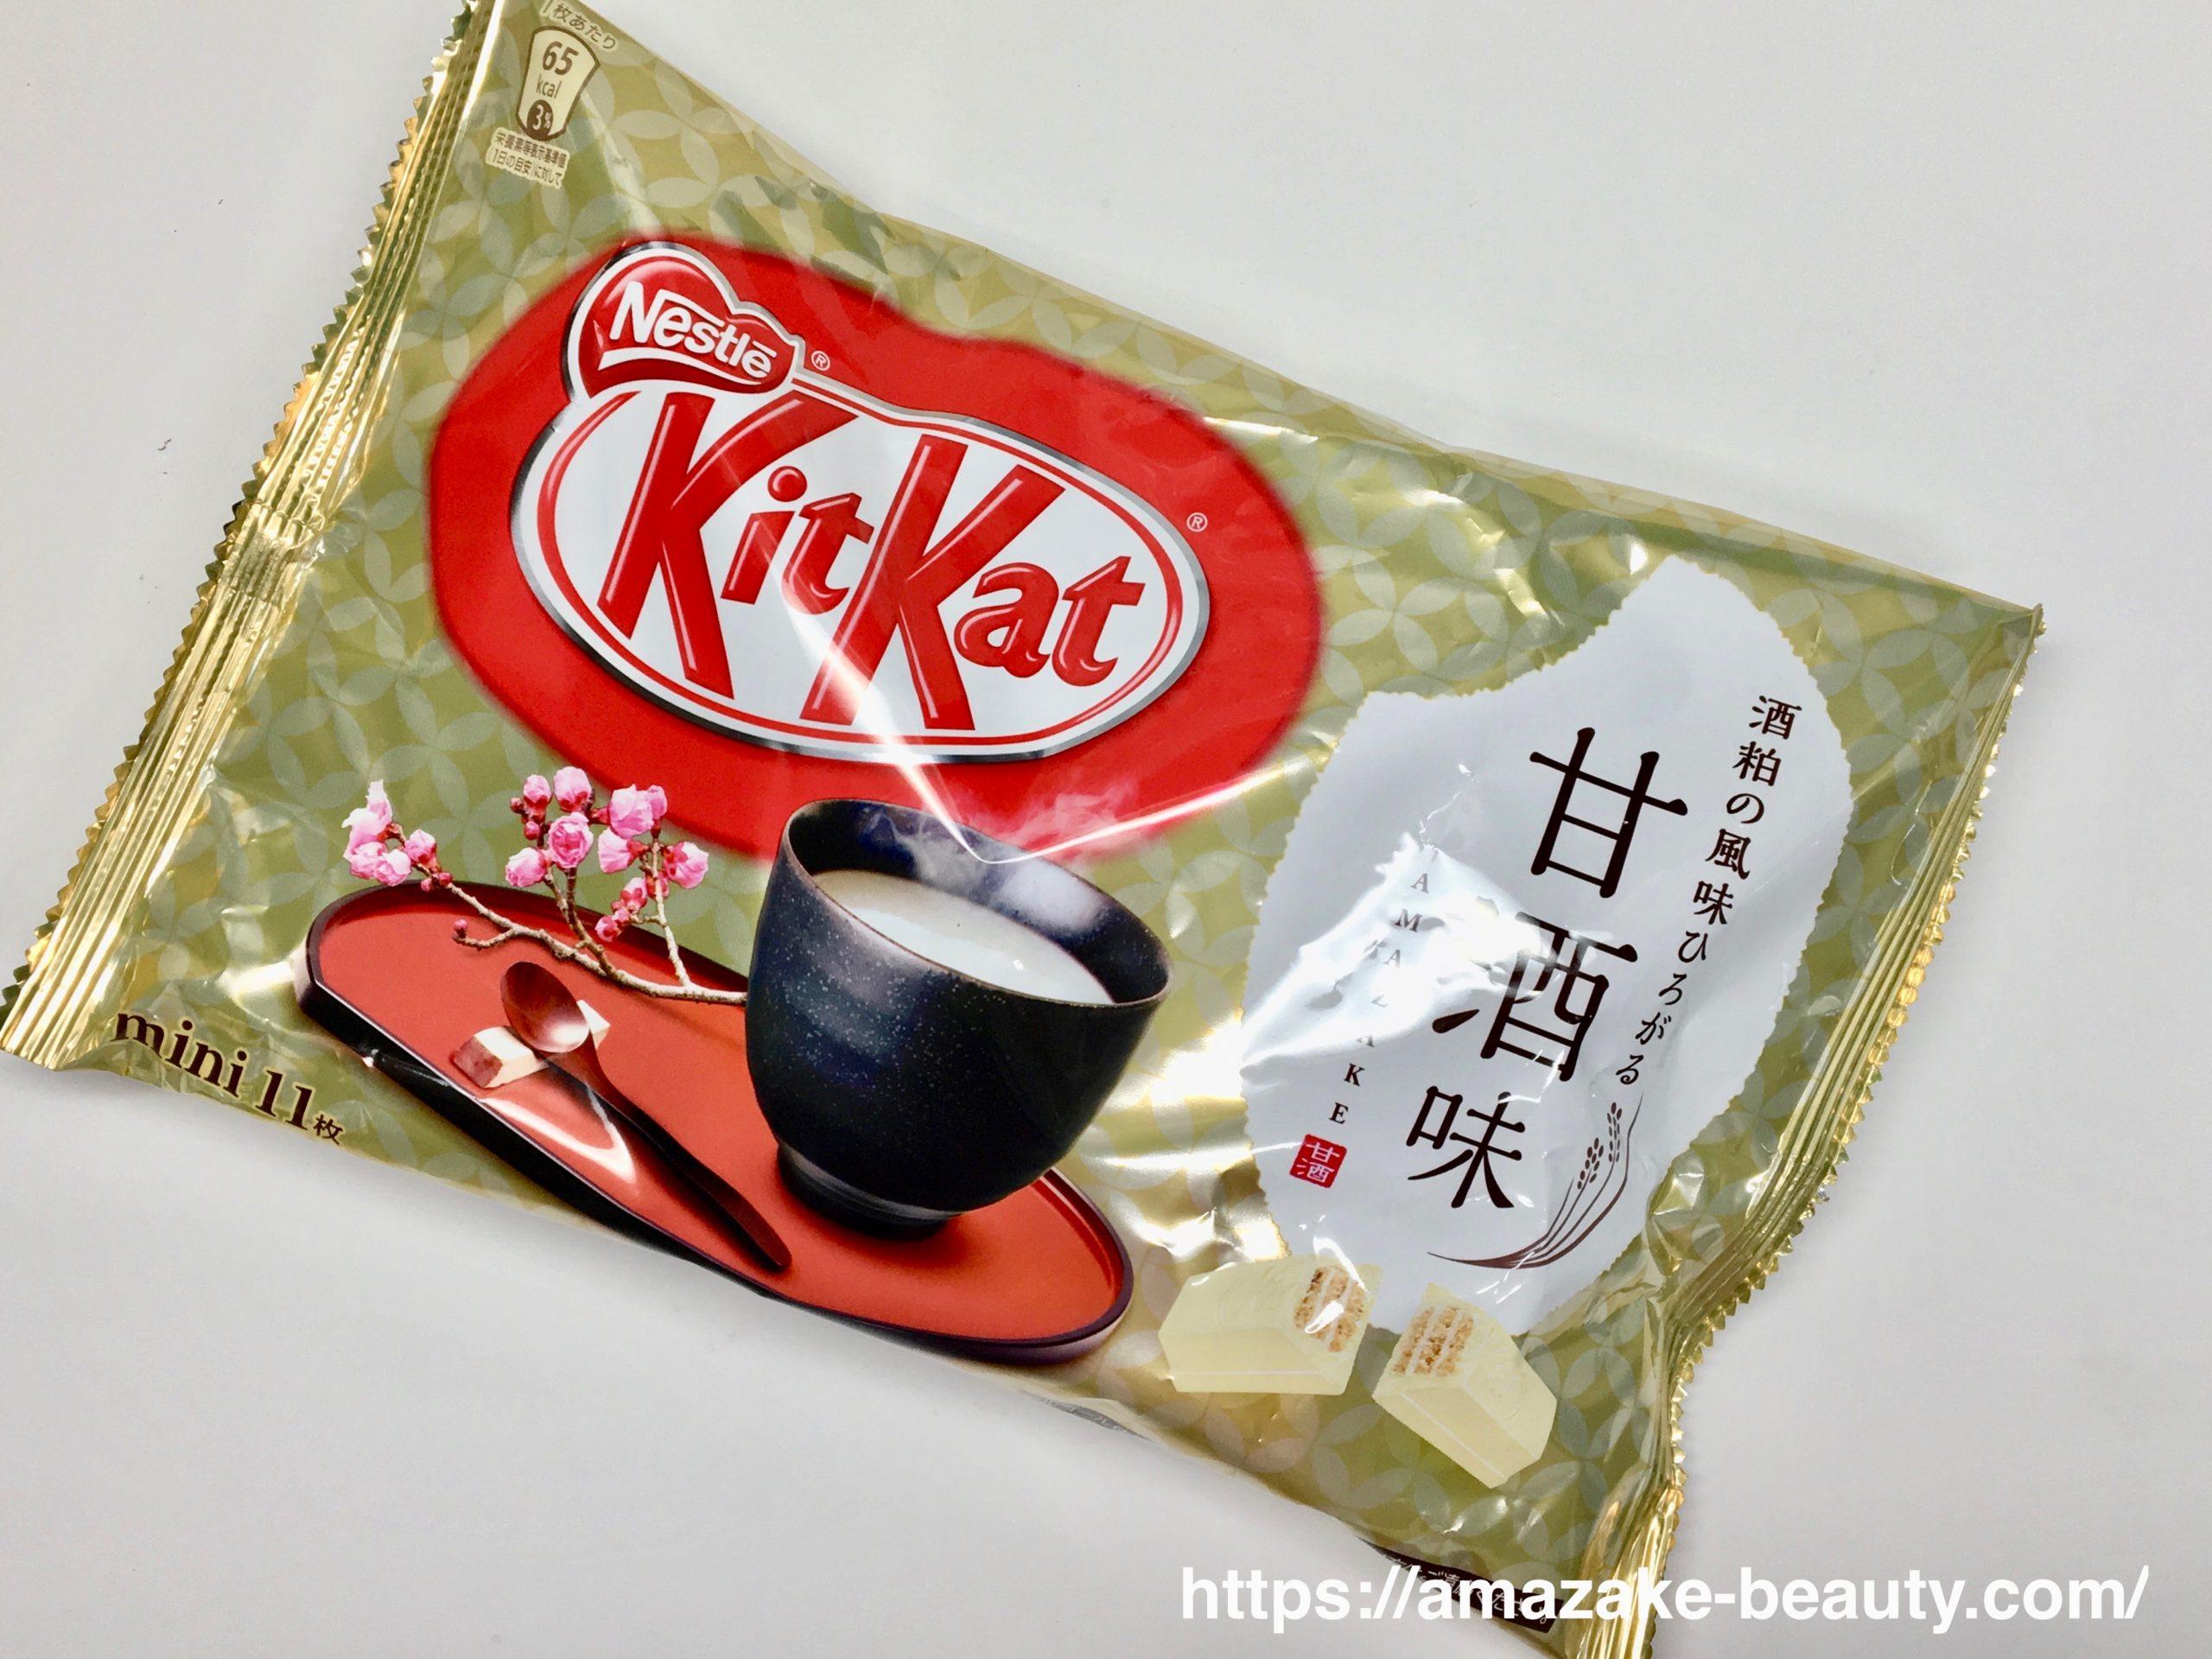 【甘酒甘味】ネスレ『キットカット ミニ 甘酒味』